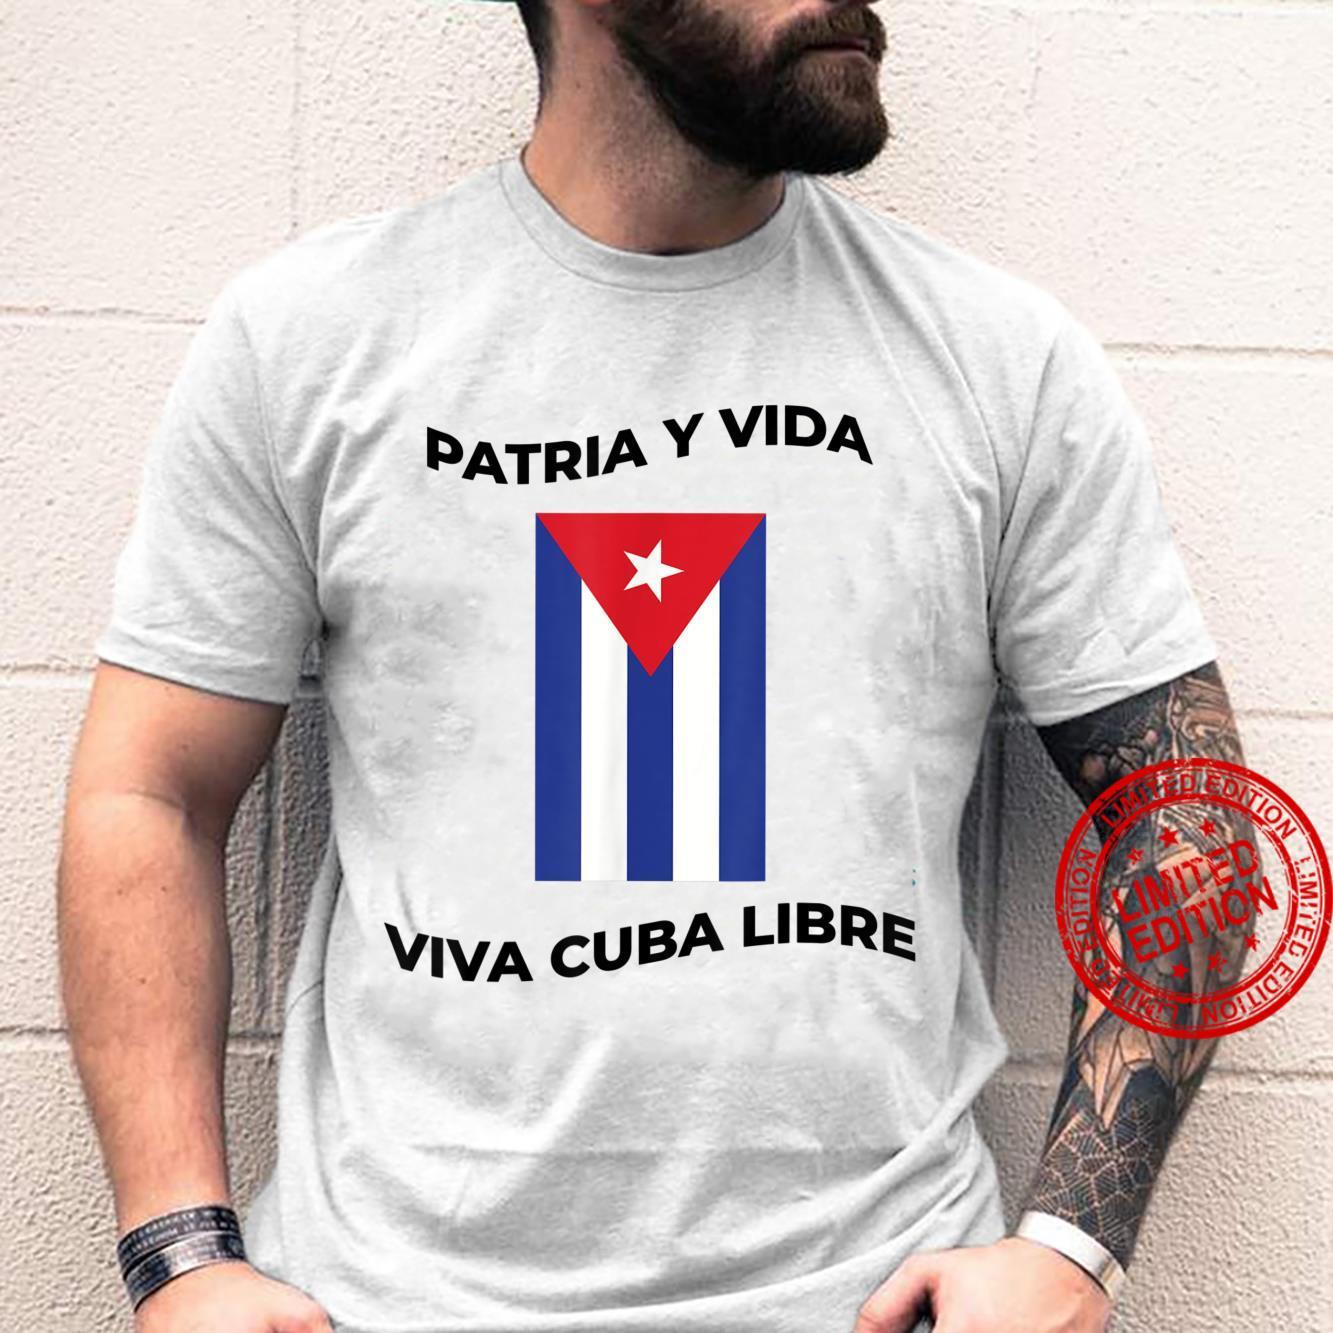 Patria y vida. Viva Cuba libre design Shirt